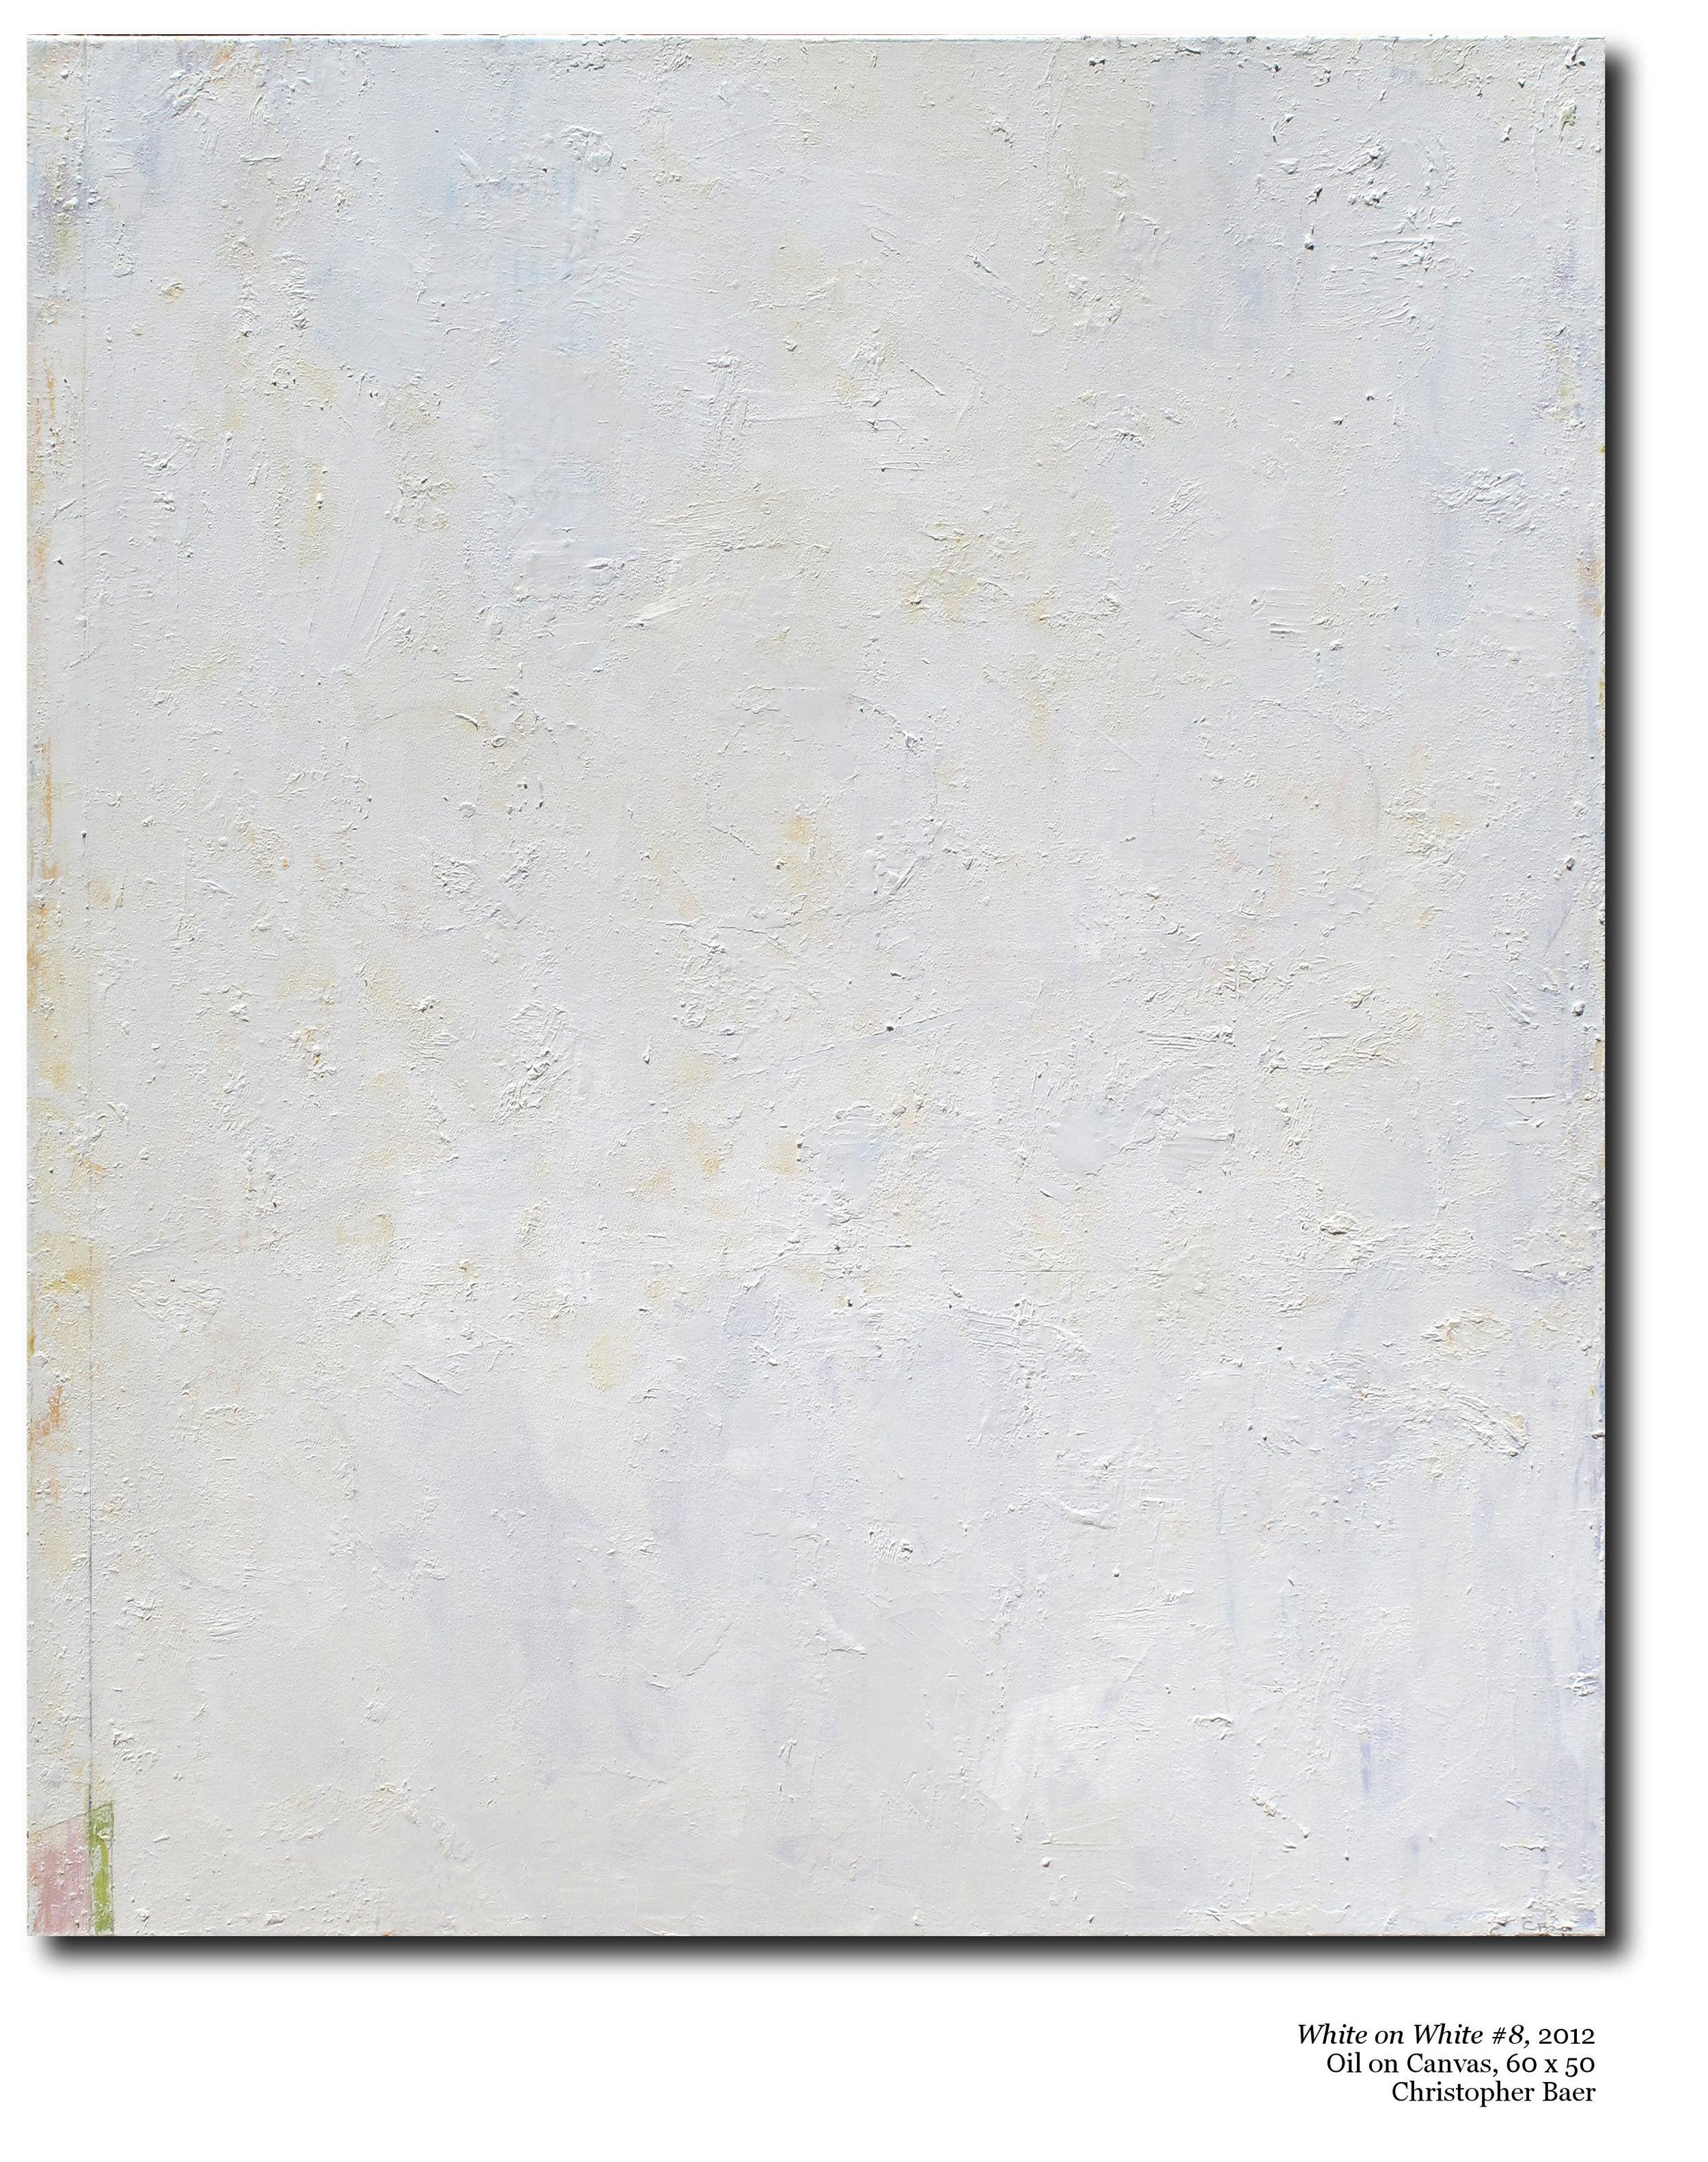 008.WhiteonWhite 2012 60x50.jpg